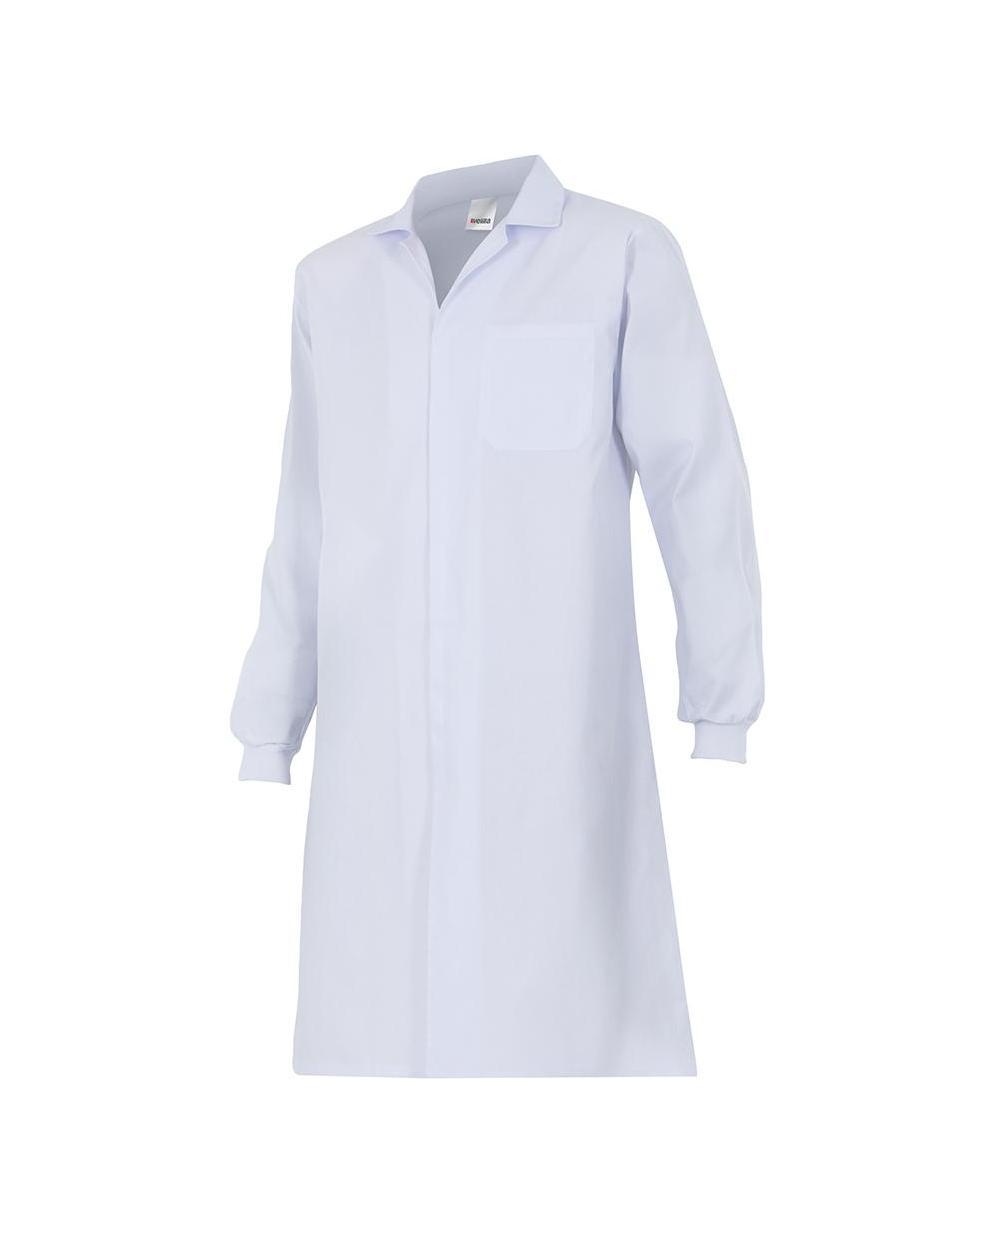 Comprar Bata con cierre de velcro serie 705 online barato Blanco